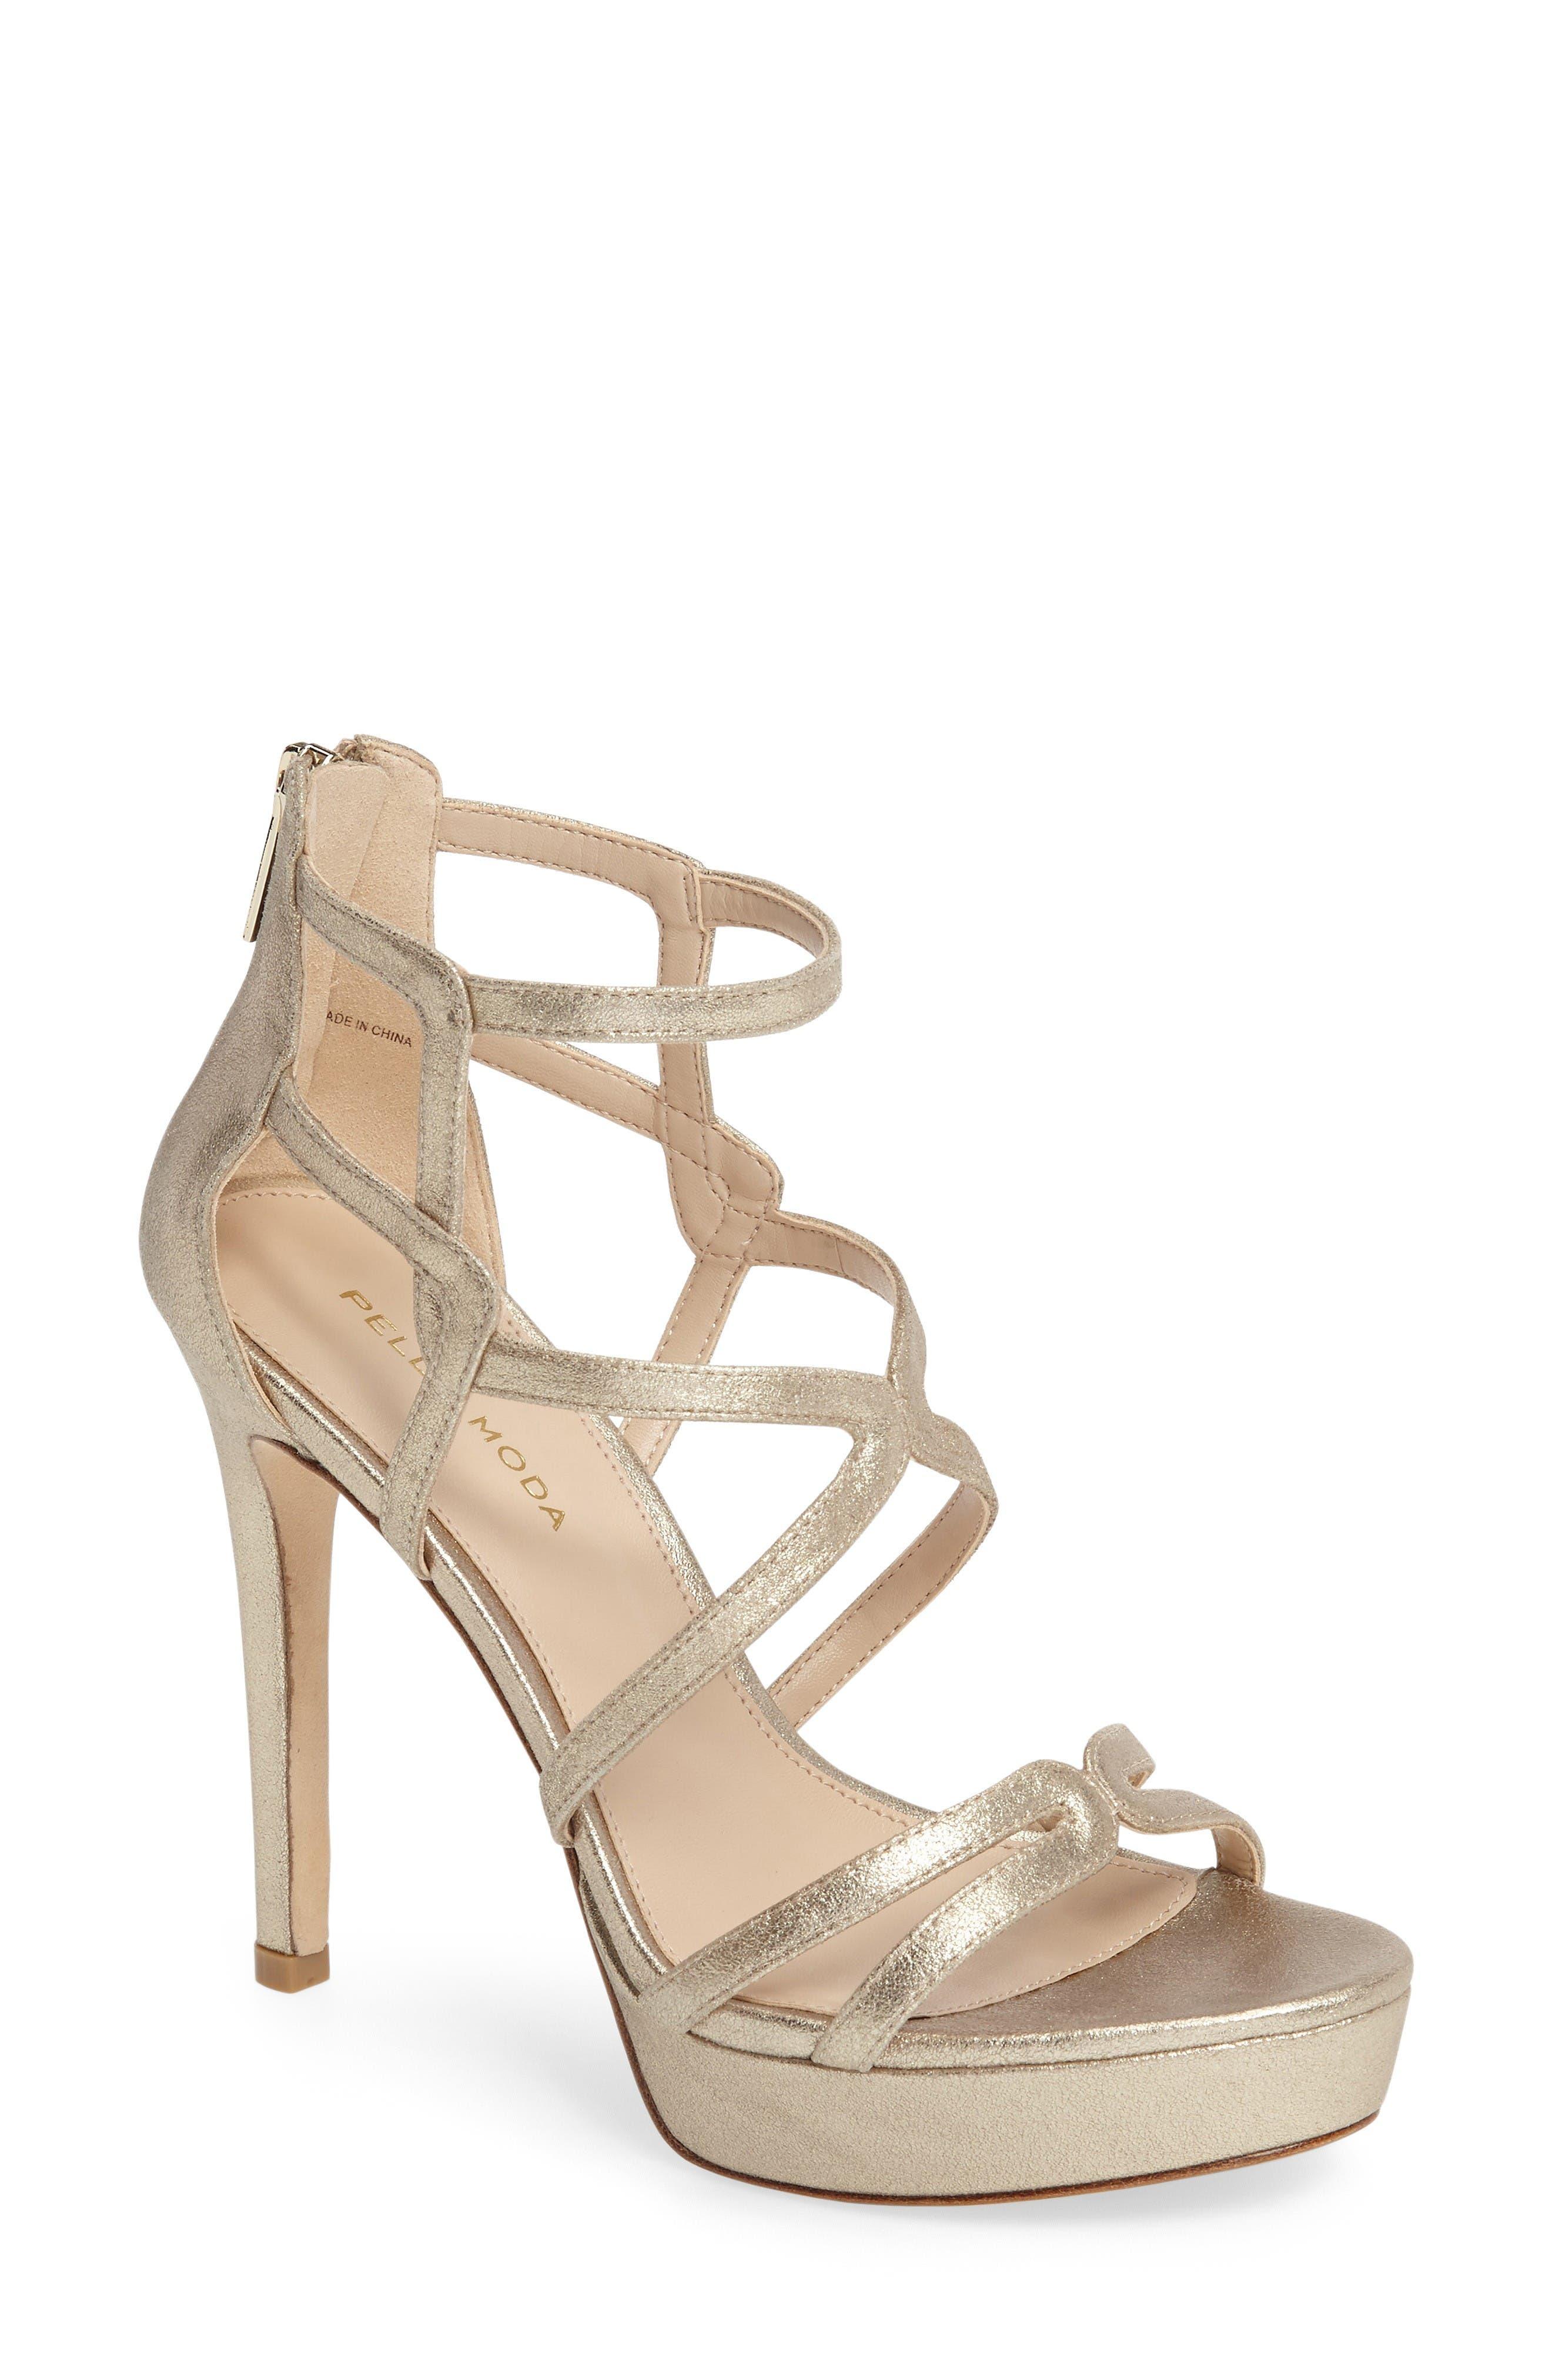 Main Image - Pelle Moda Olympic Platform Sandal (Women)